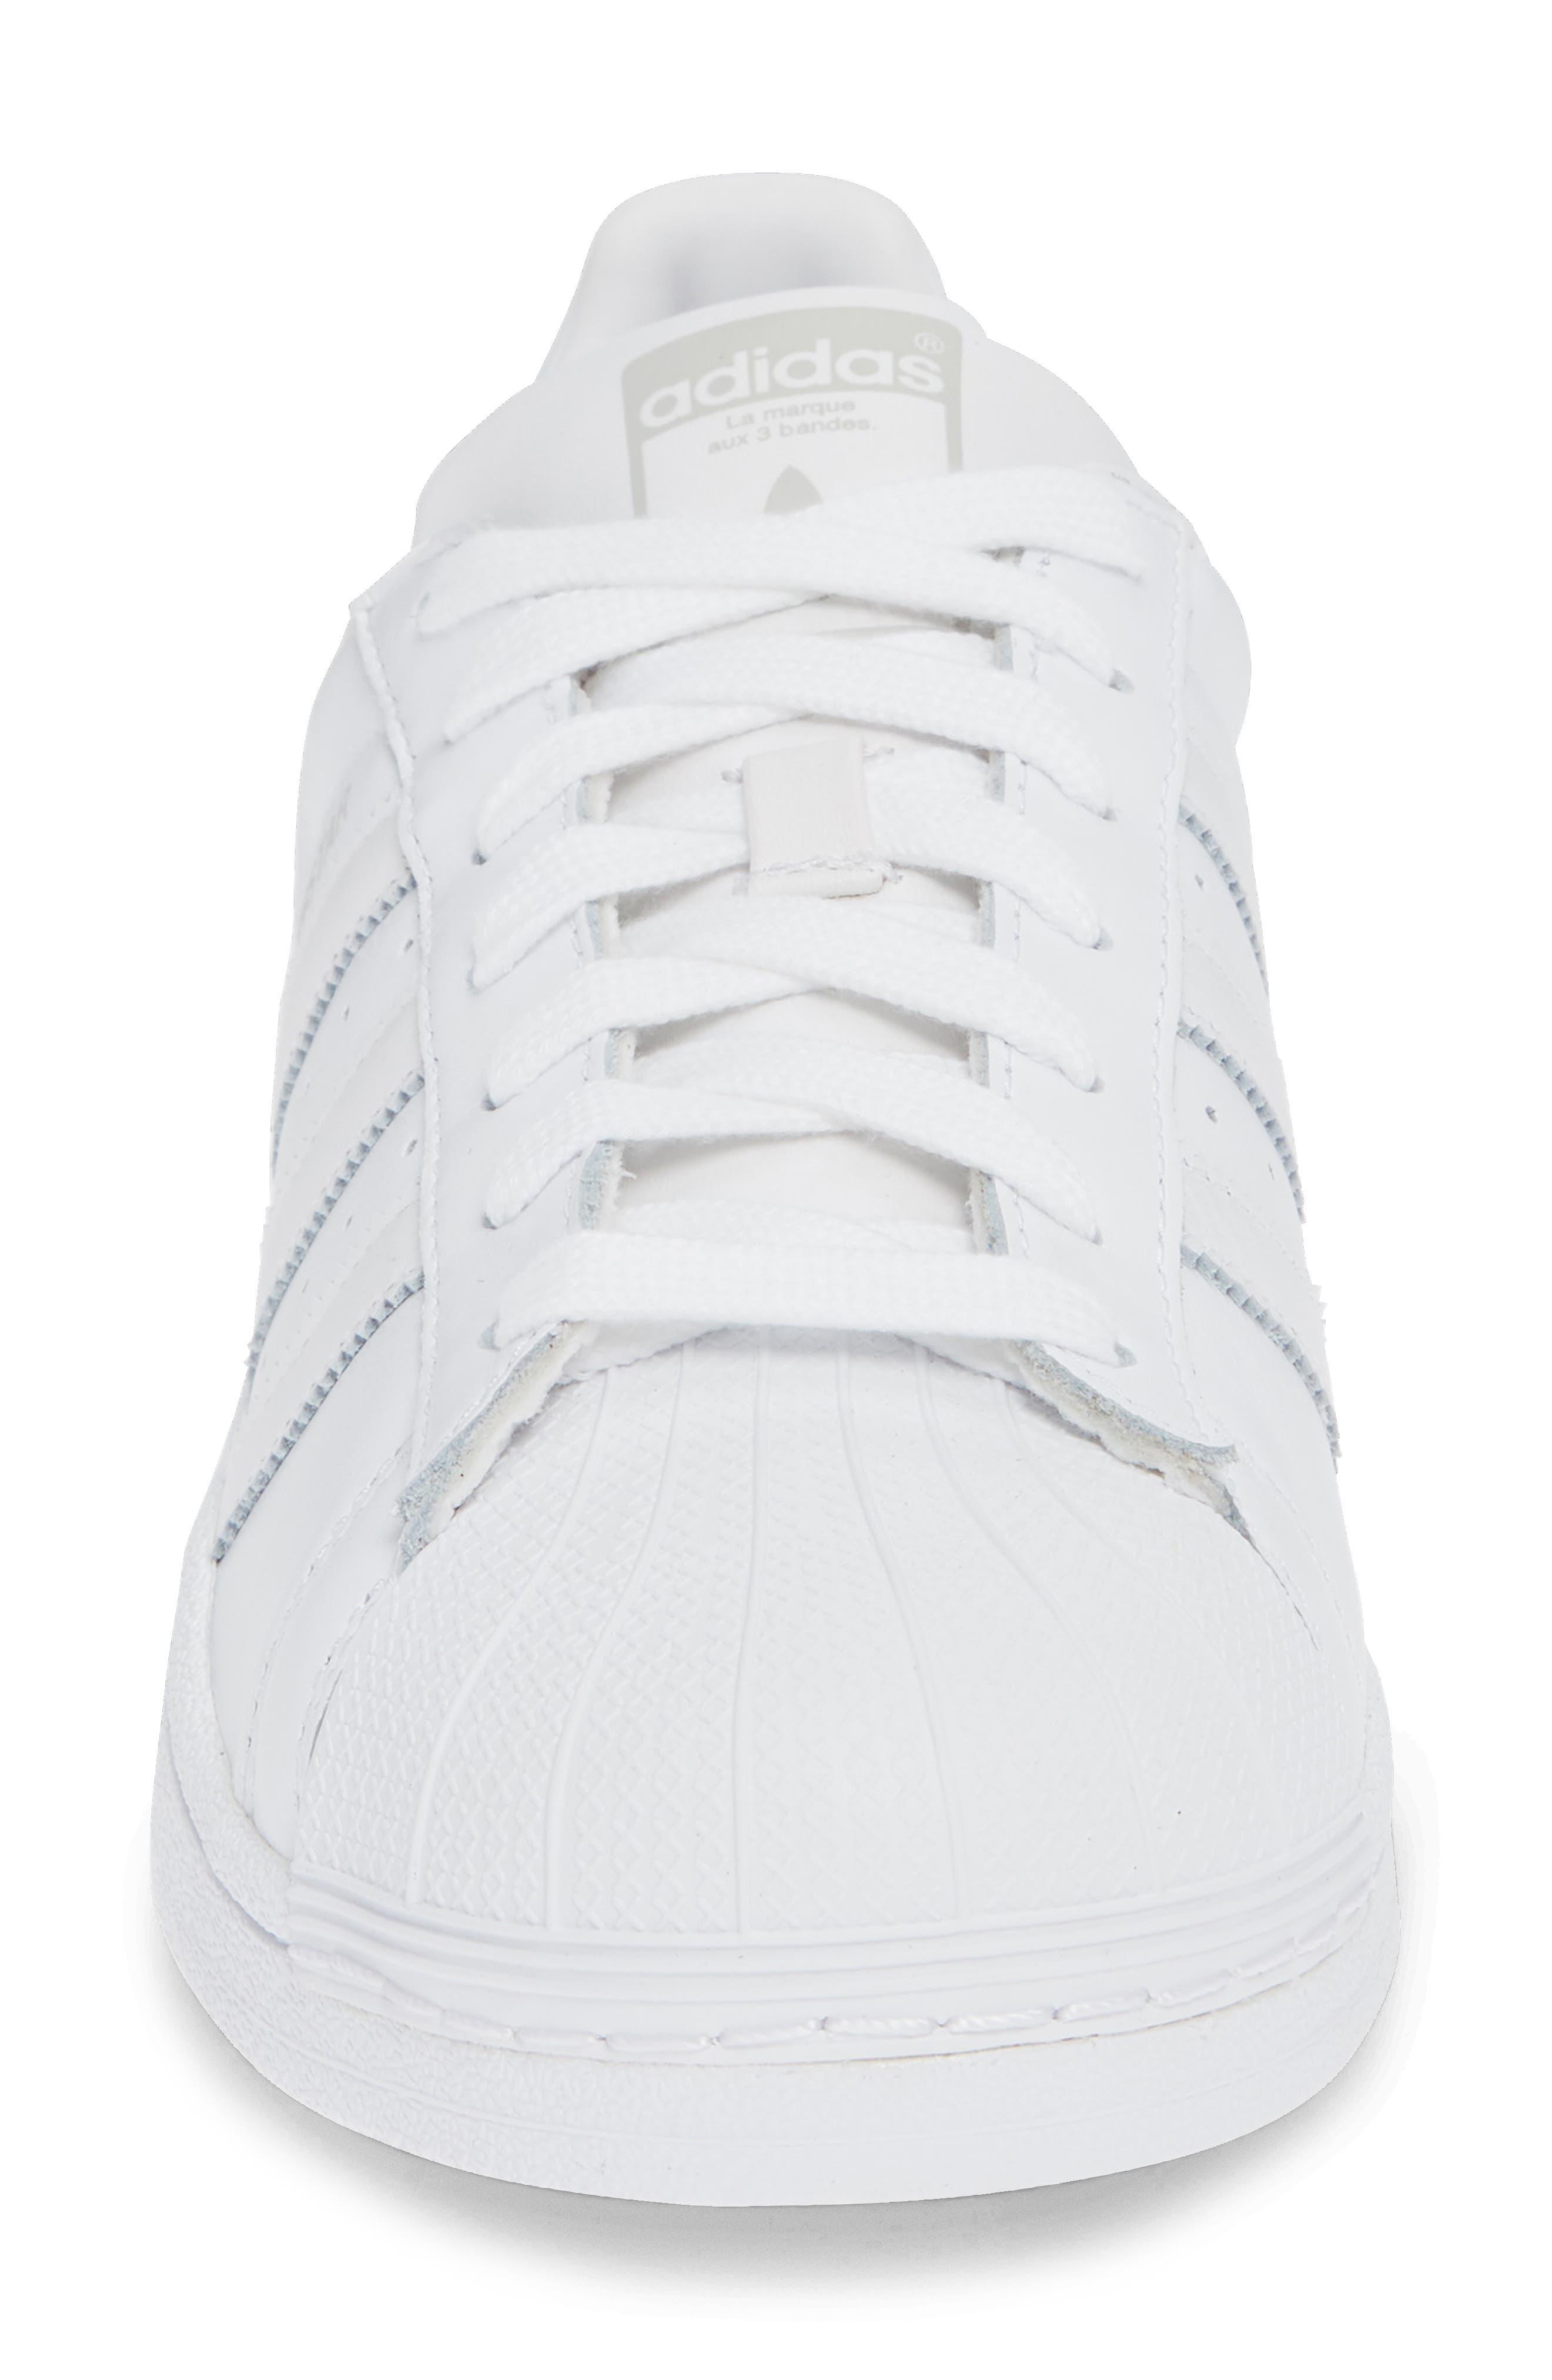 Superstar Sneaker,                             Alternate thumbnail 6, color,                             White/ White/ Grey One